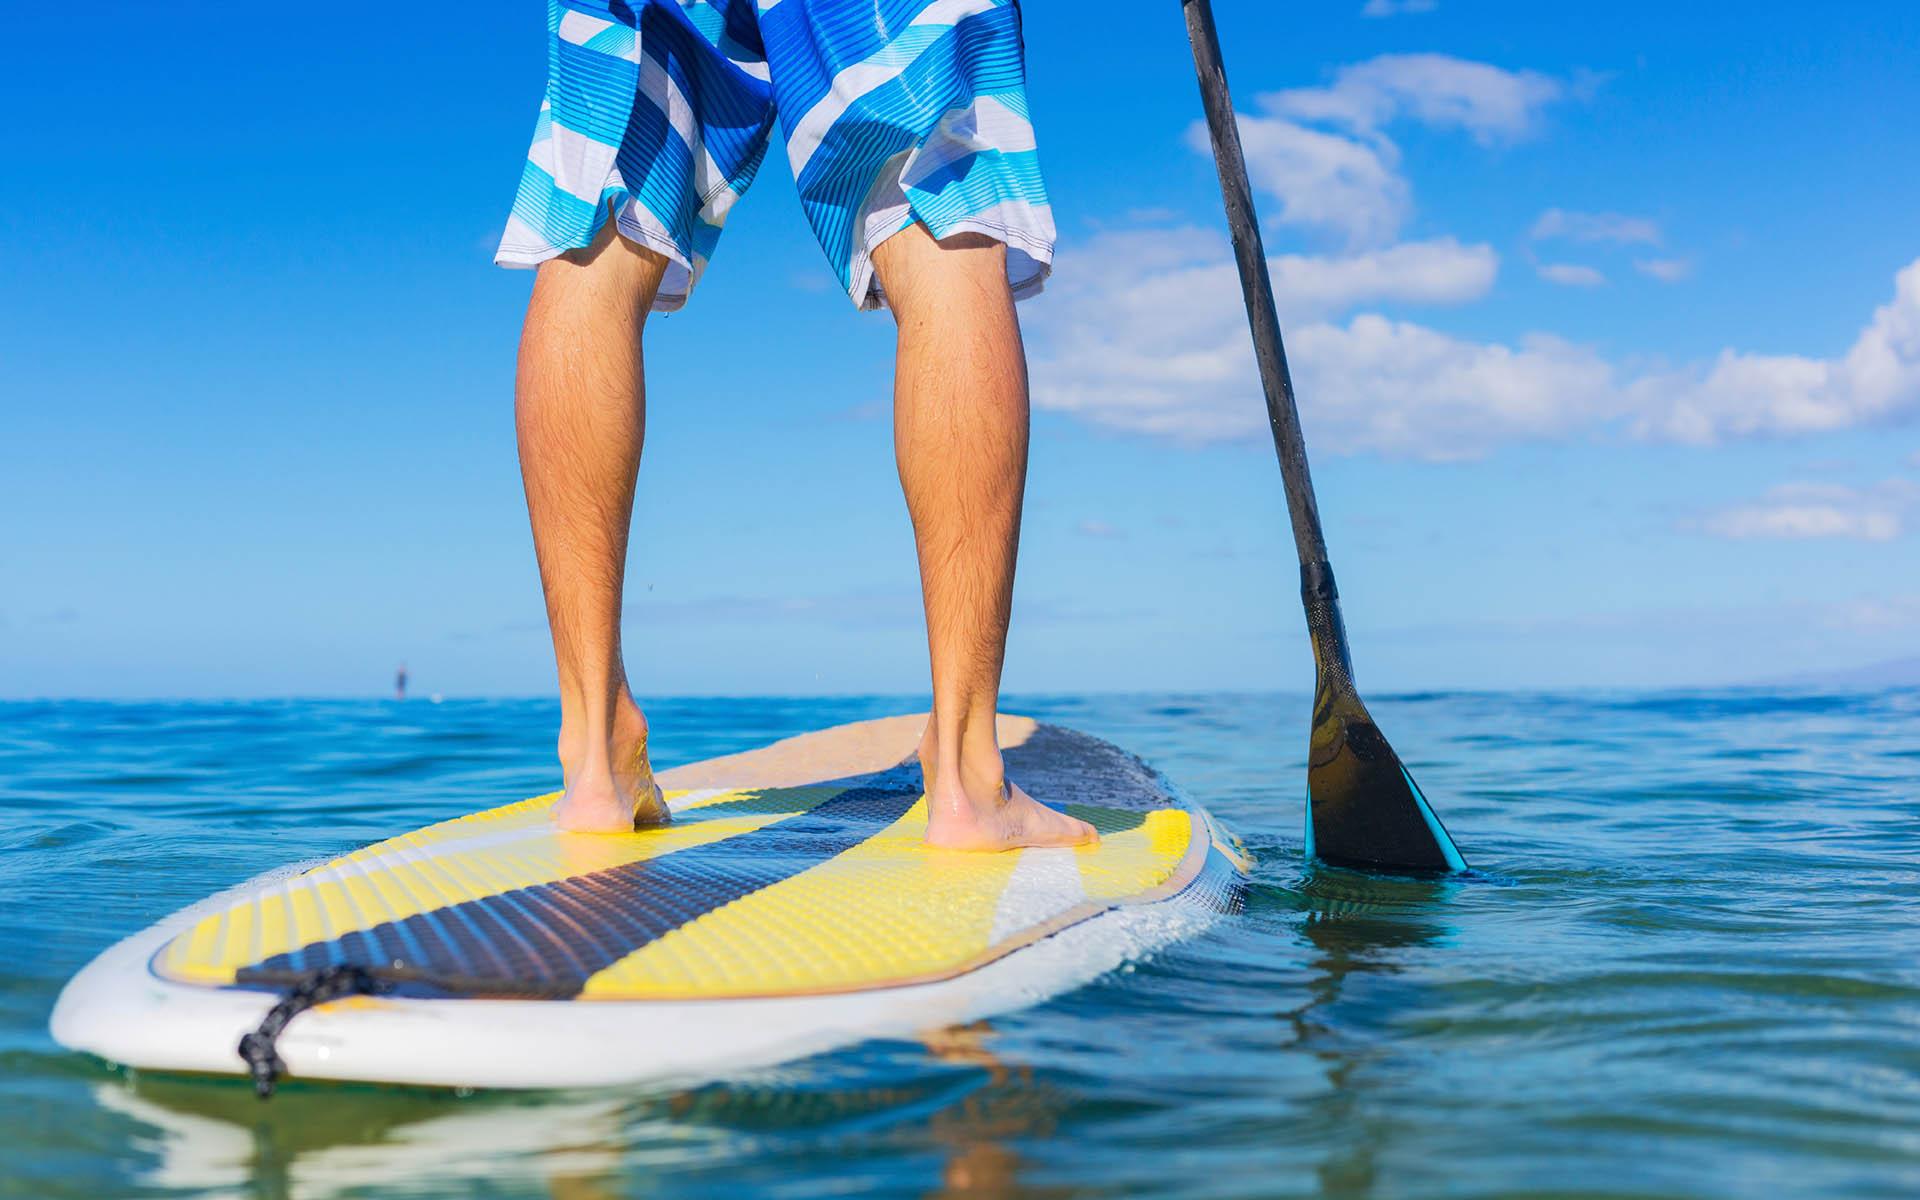 Los mejores deportes para practicar en verano